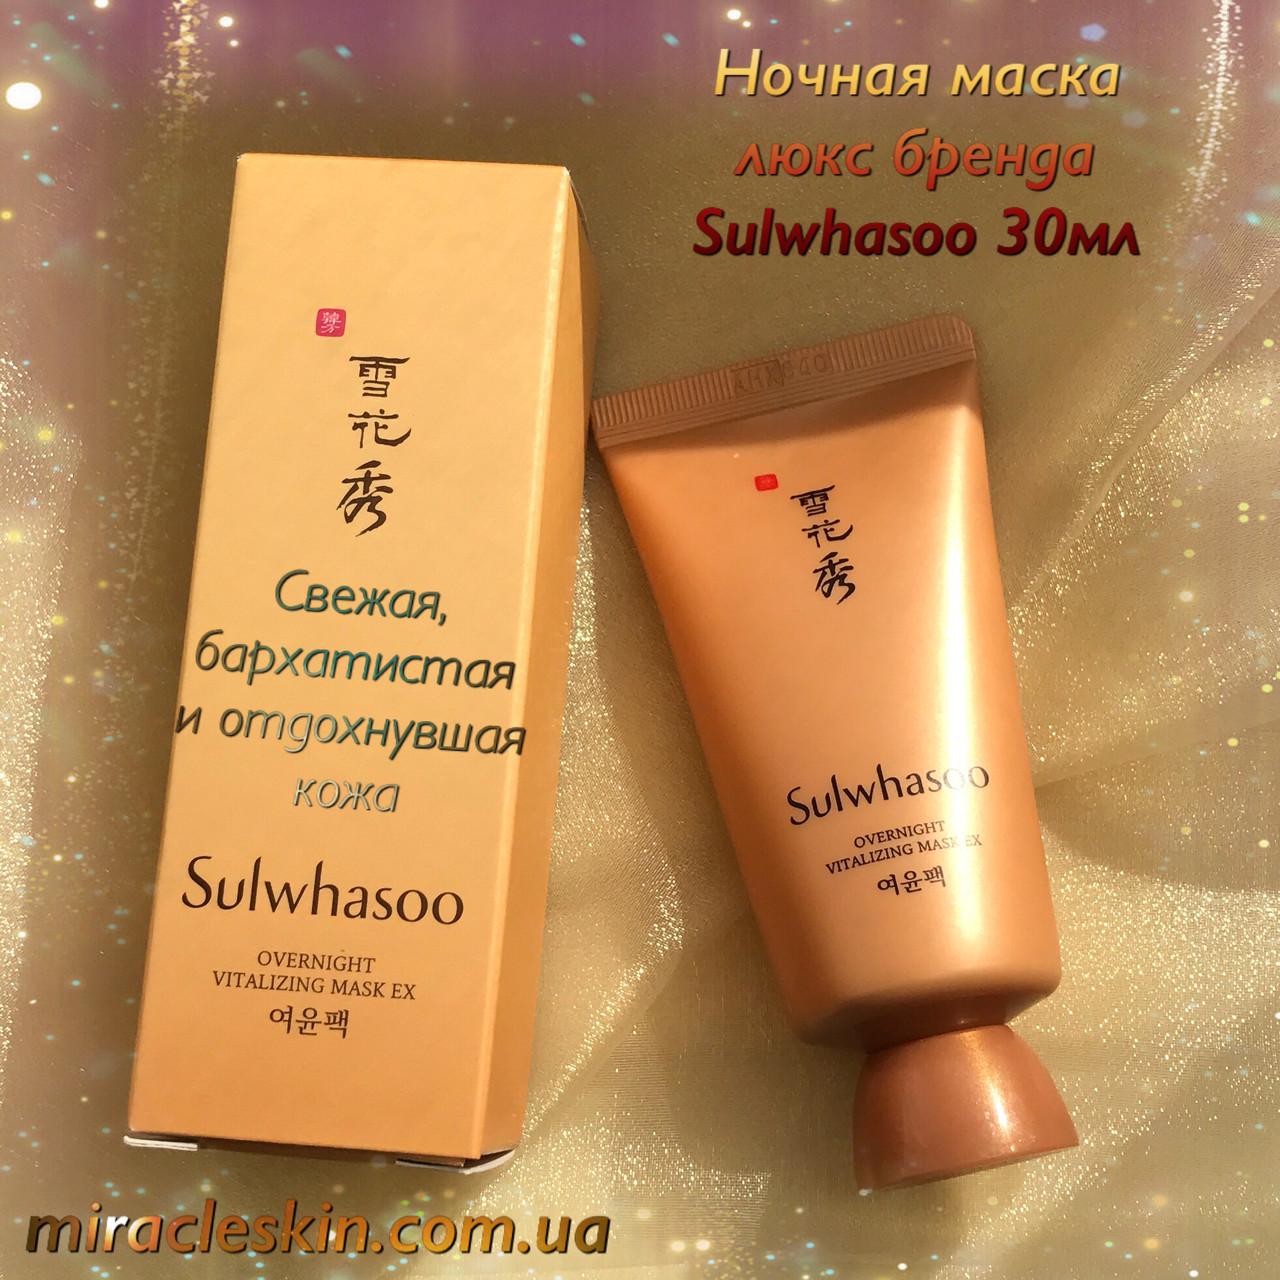 Sulwhasoo Overnight Vitalizing mask Ночная маска с восточными травами 30мл